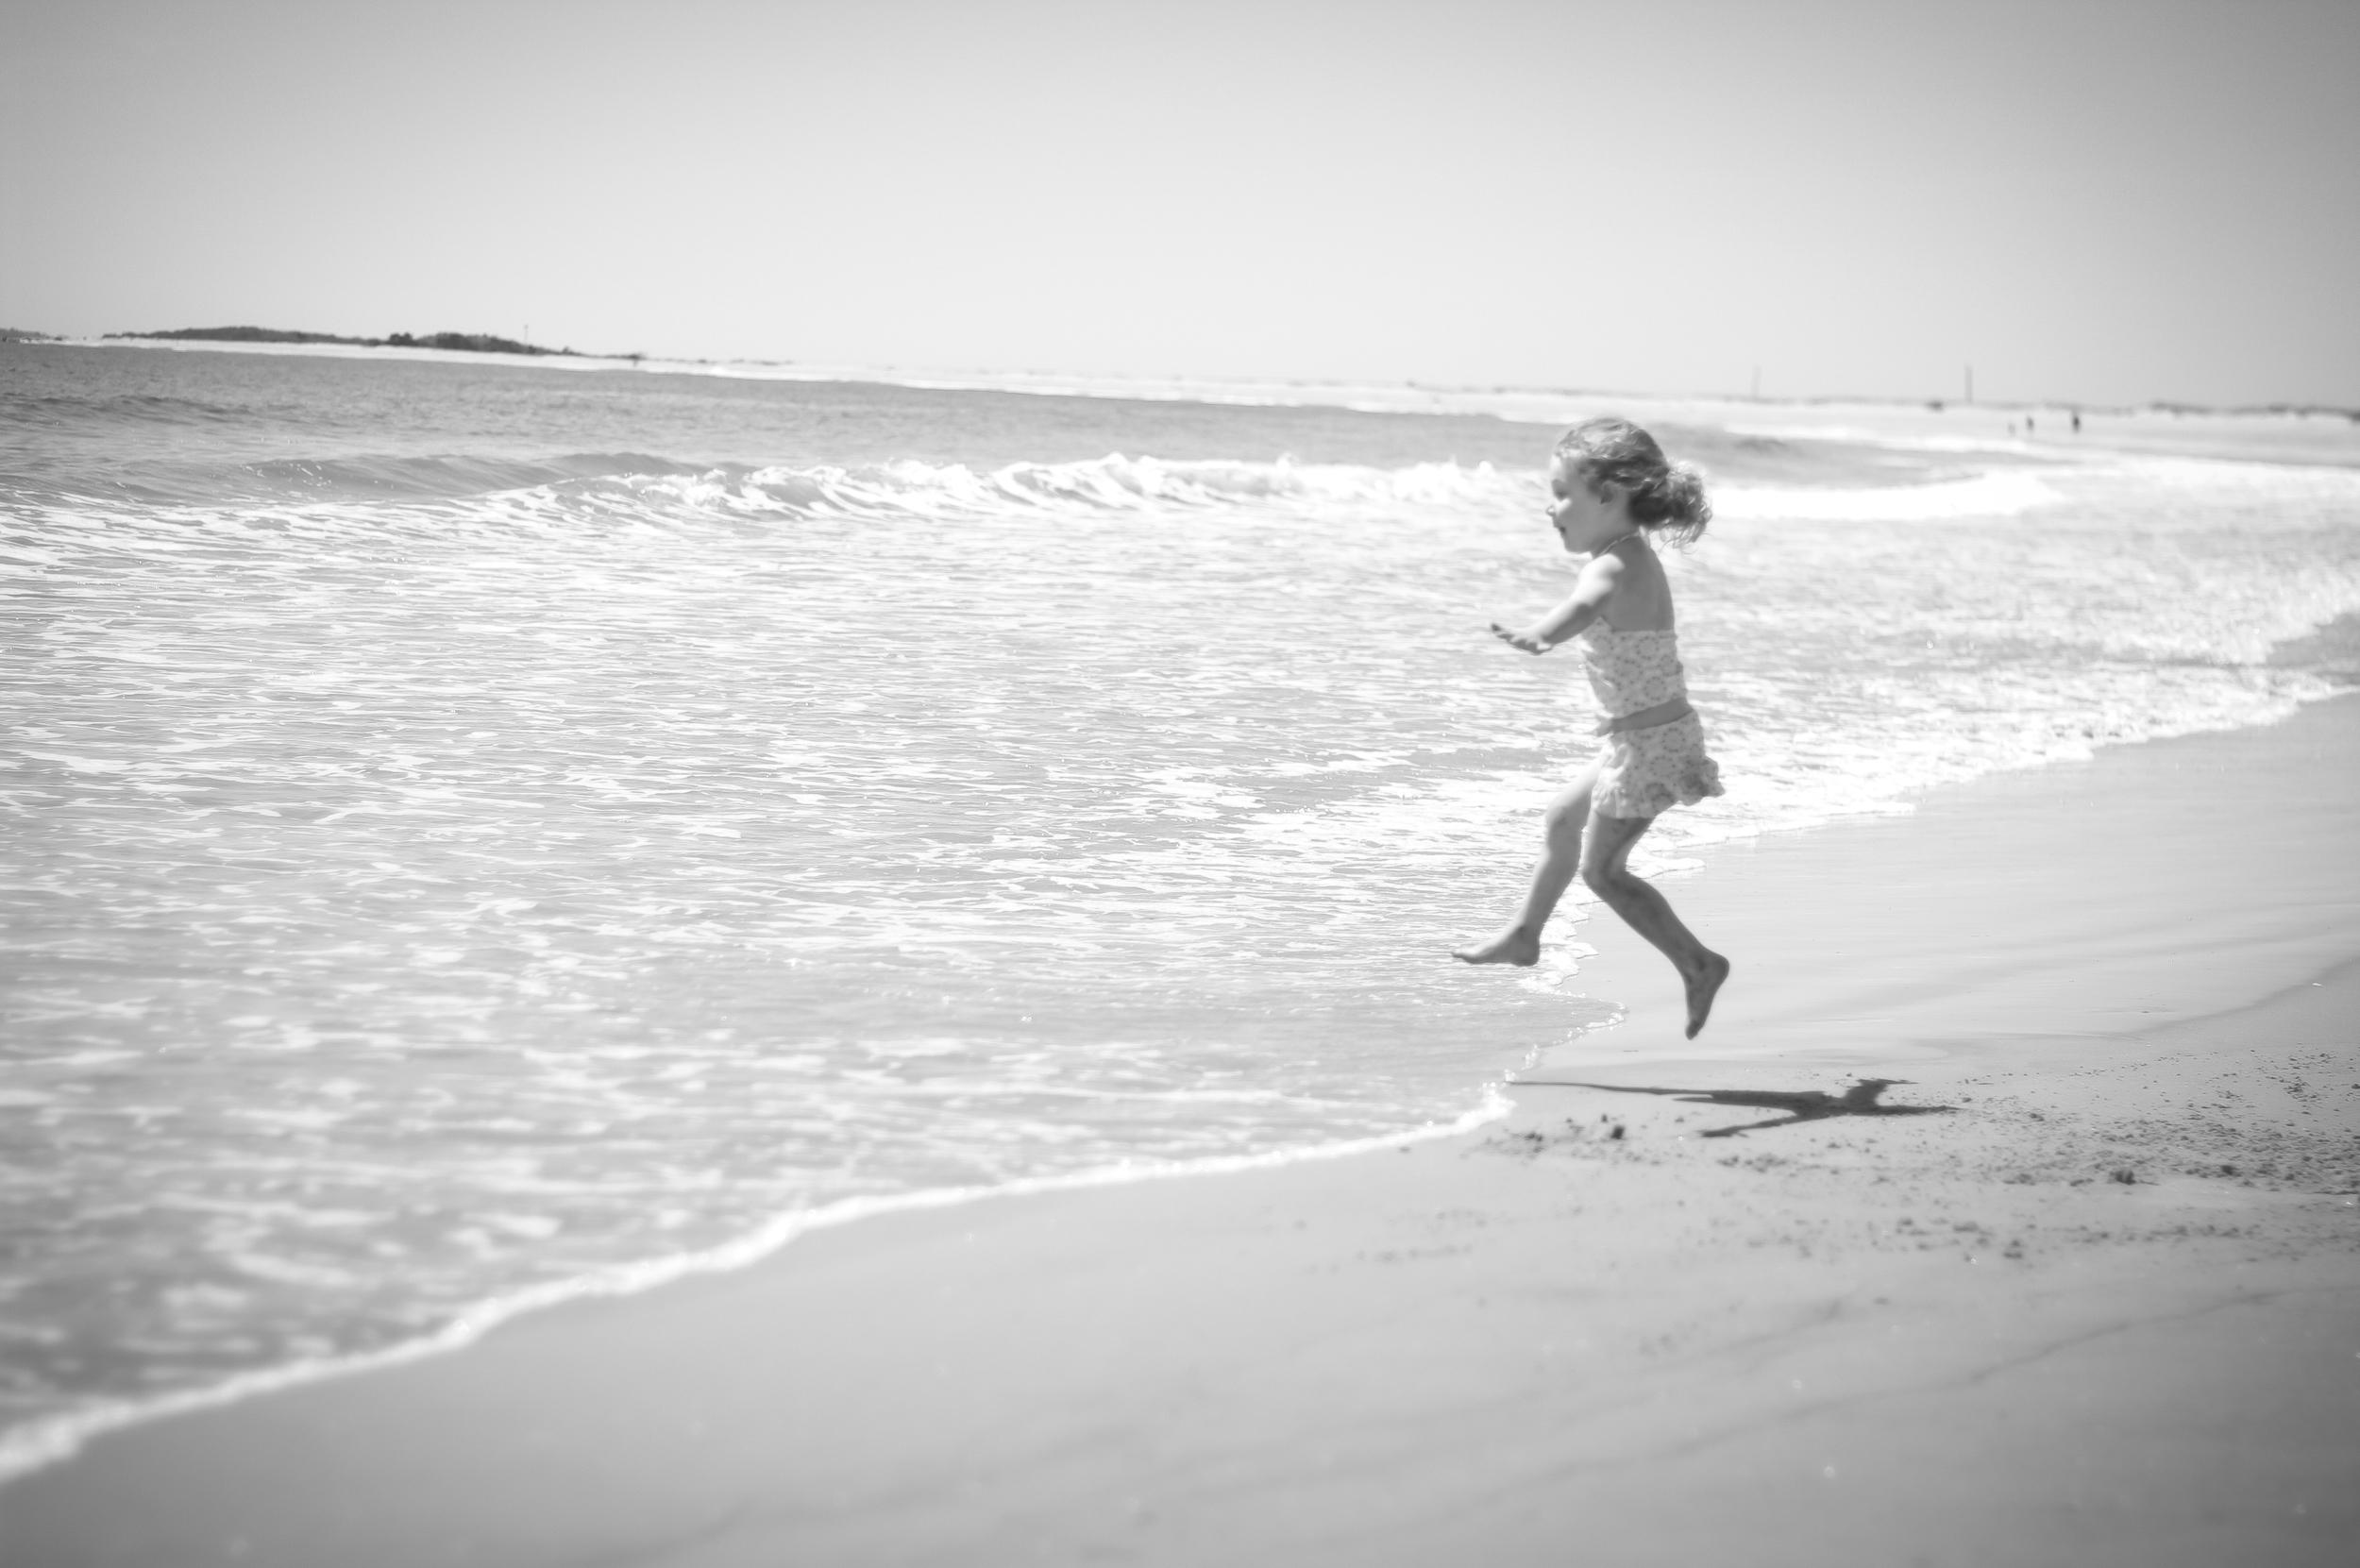 beachday-300dpi-1338